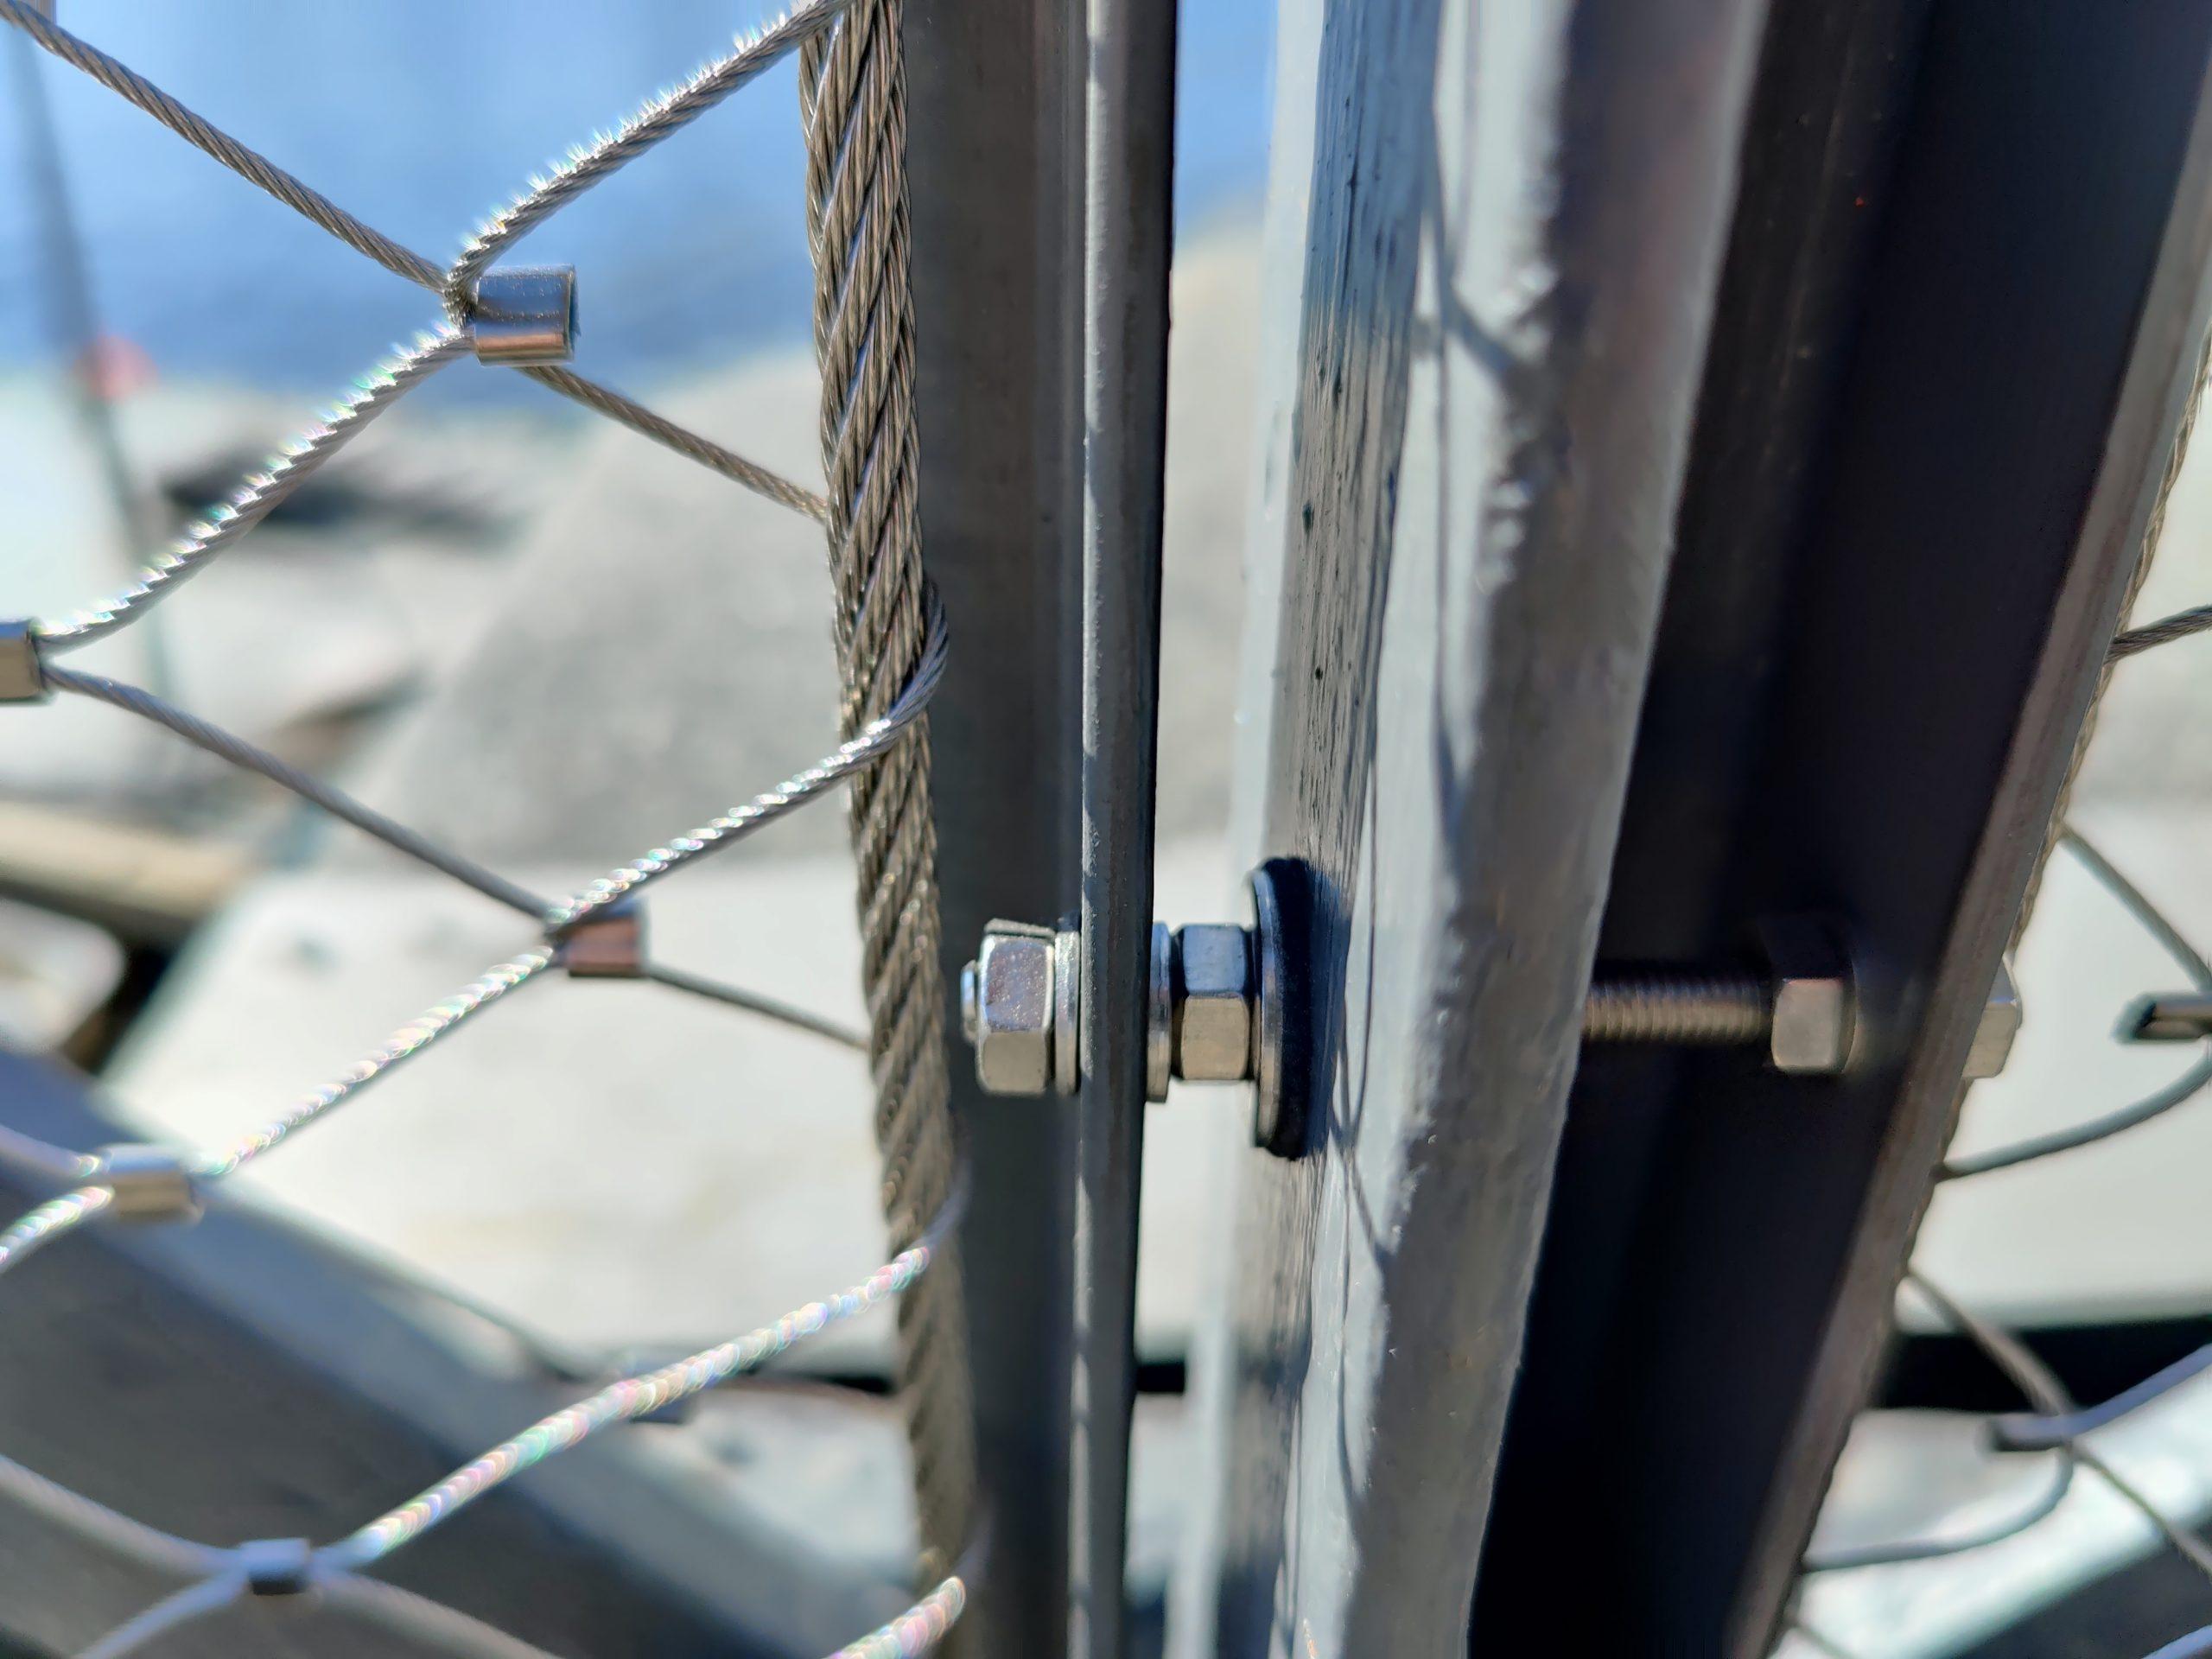 Detaljer på skeppsholmsbron vid norrmalm och skeppsholmen